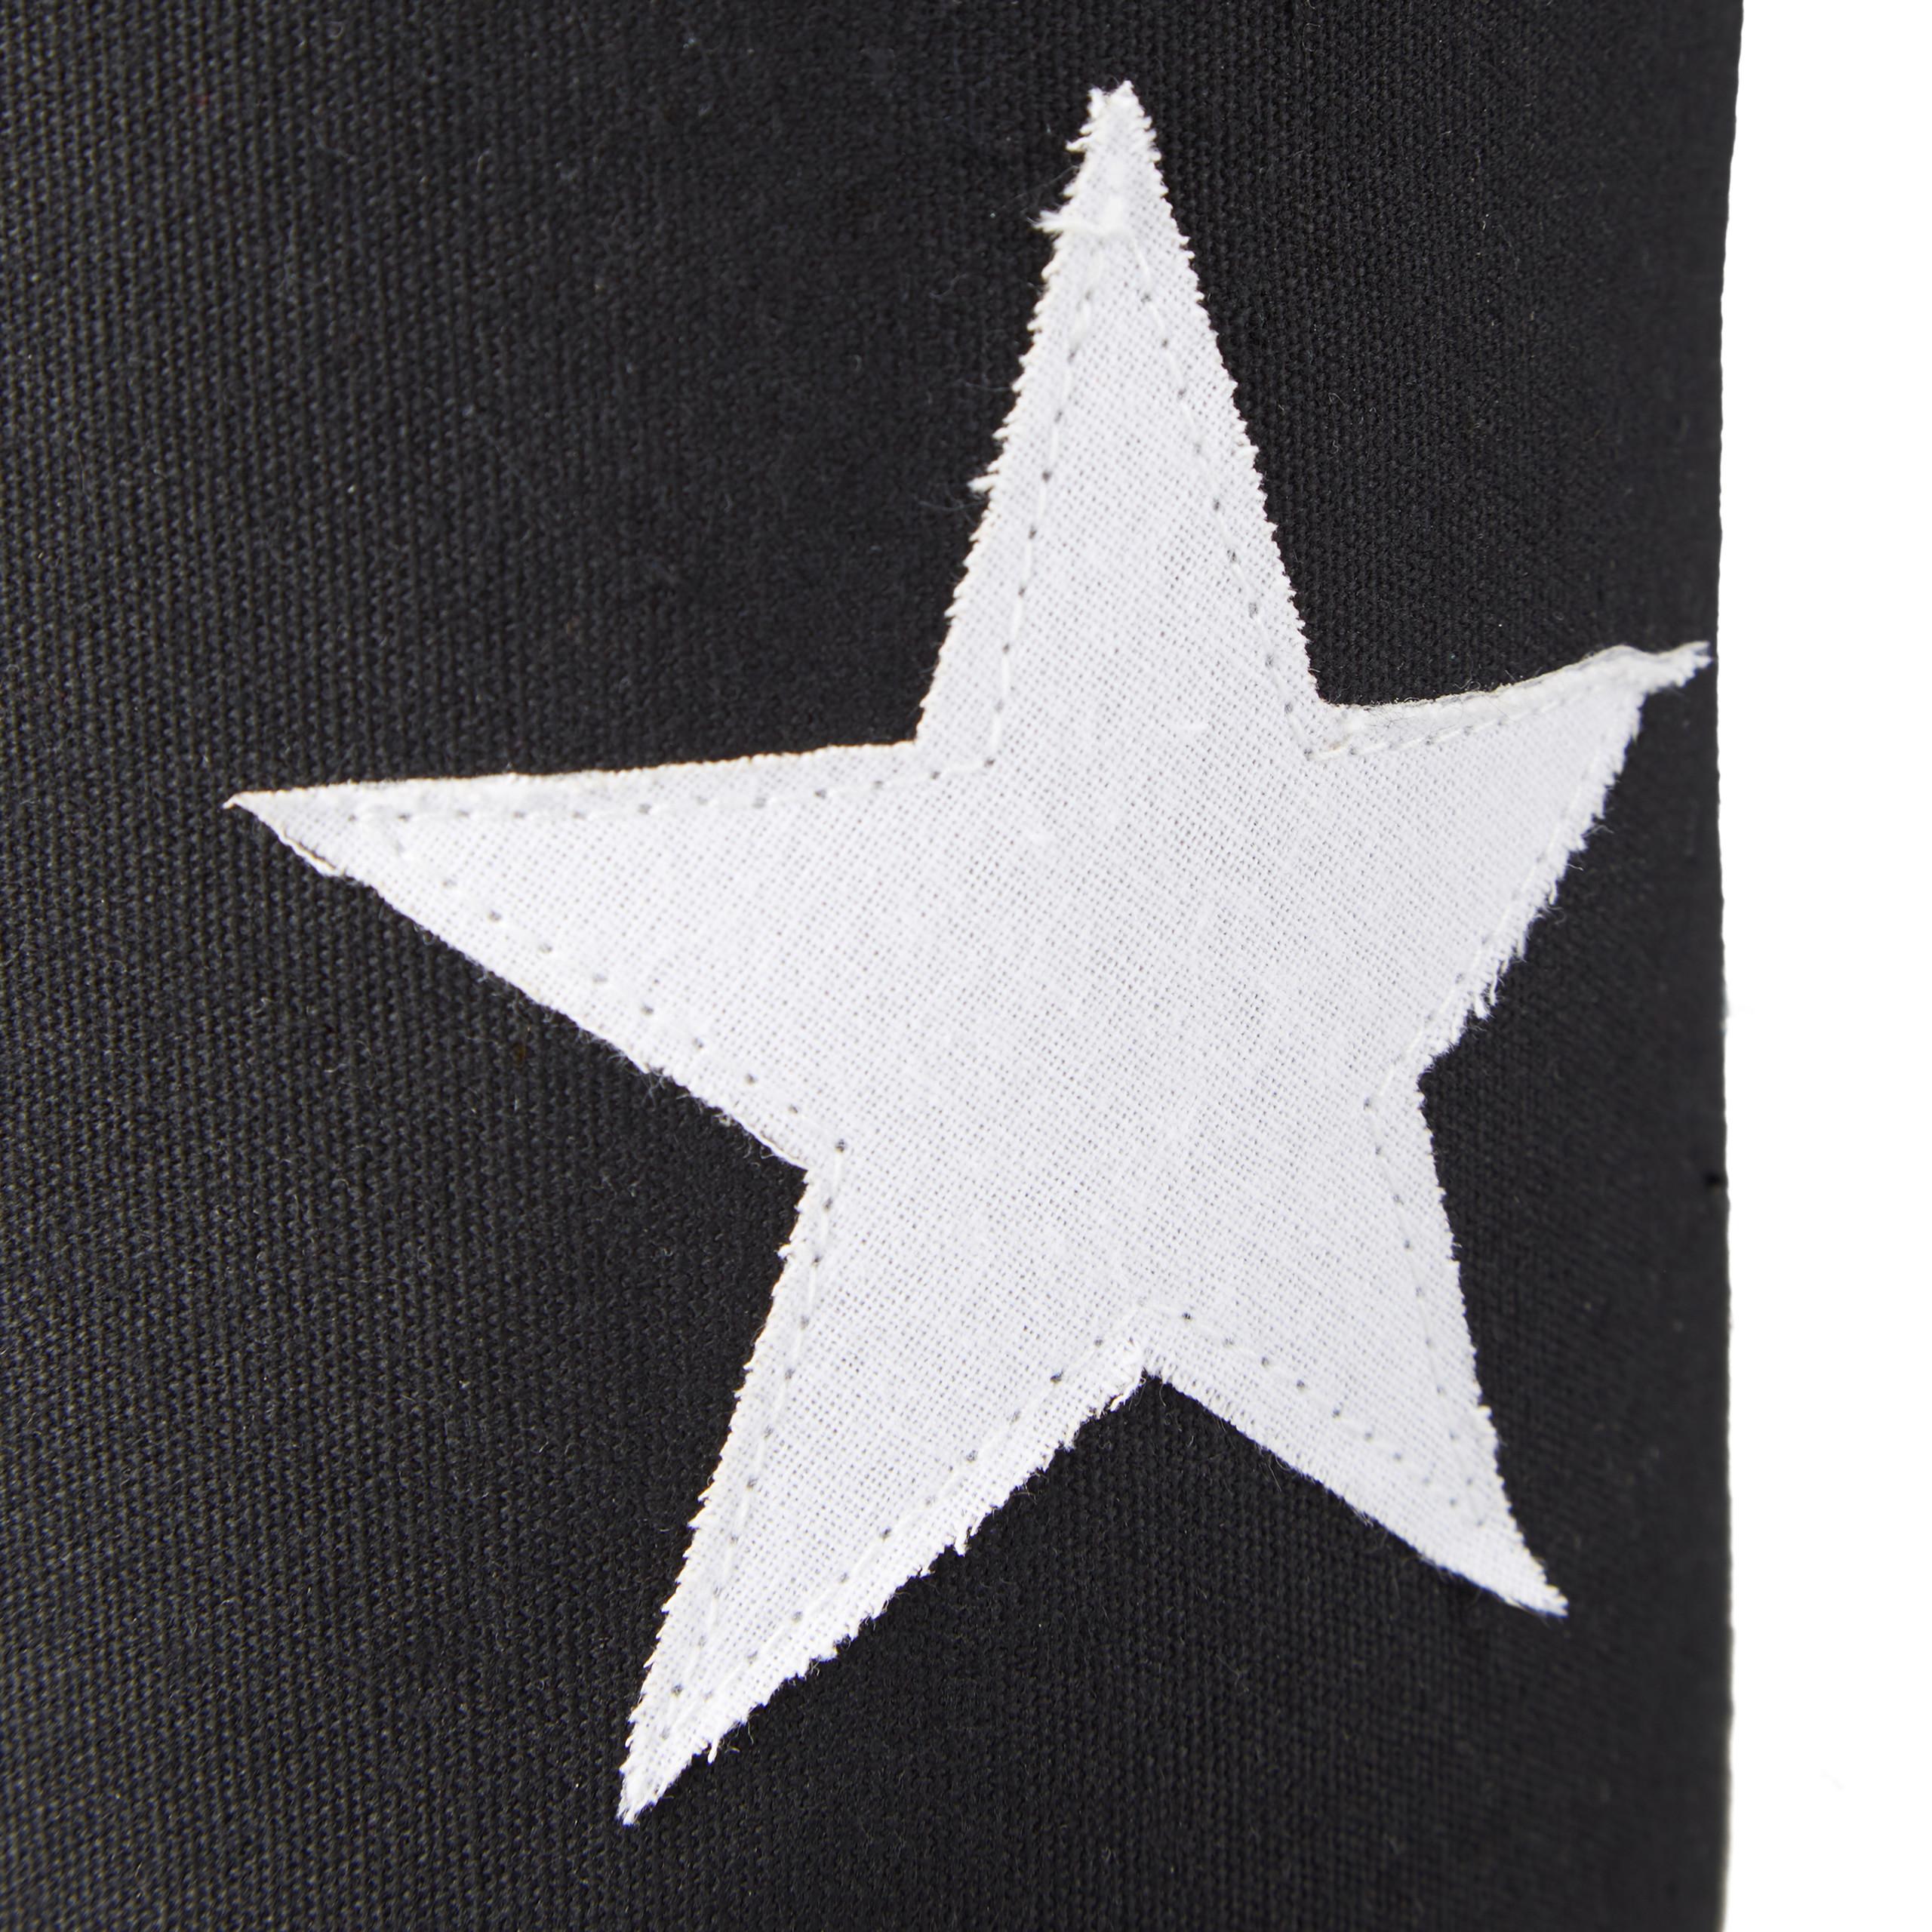 Door-Stop-with-Star-Fabric-Bumper-Floor-Doorstop-Tall-with-Handle-Chic thumbnail 7